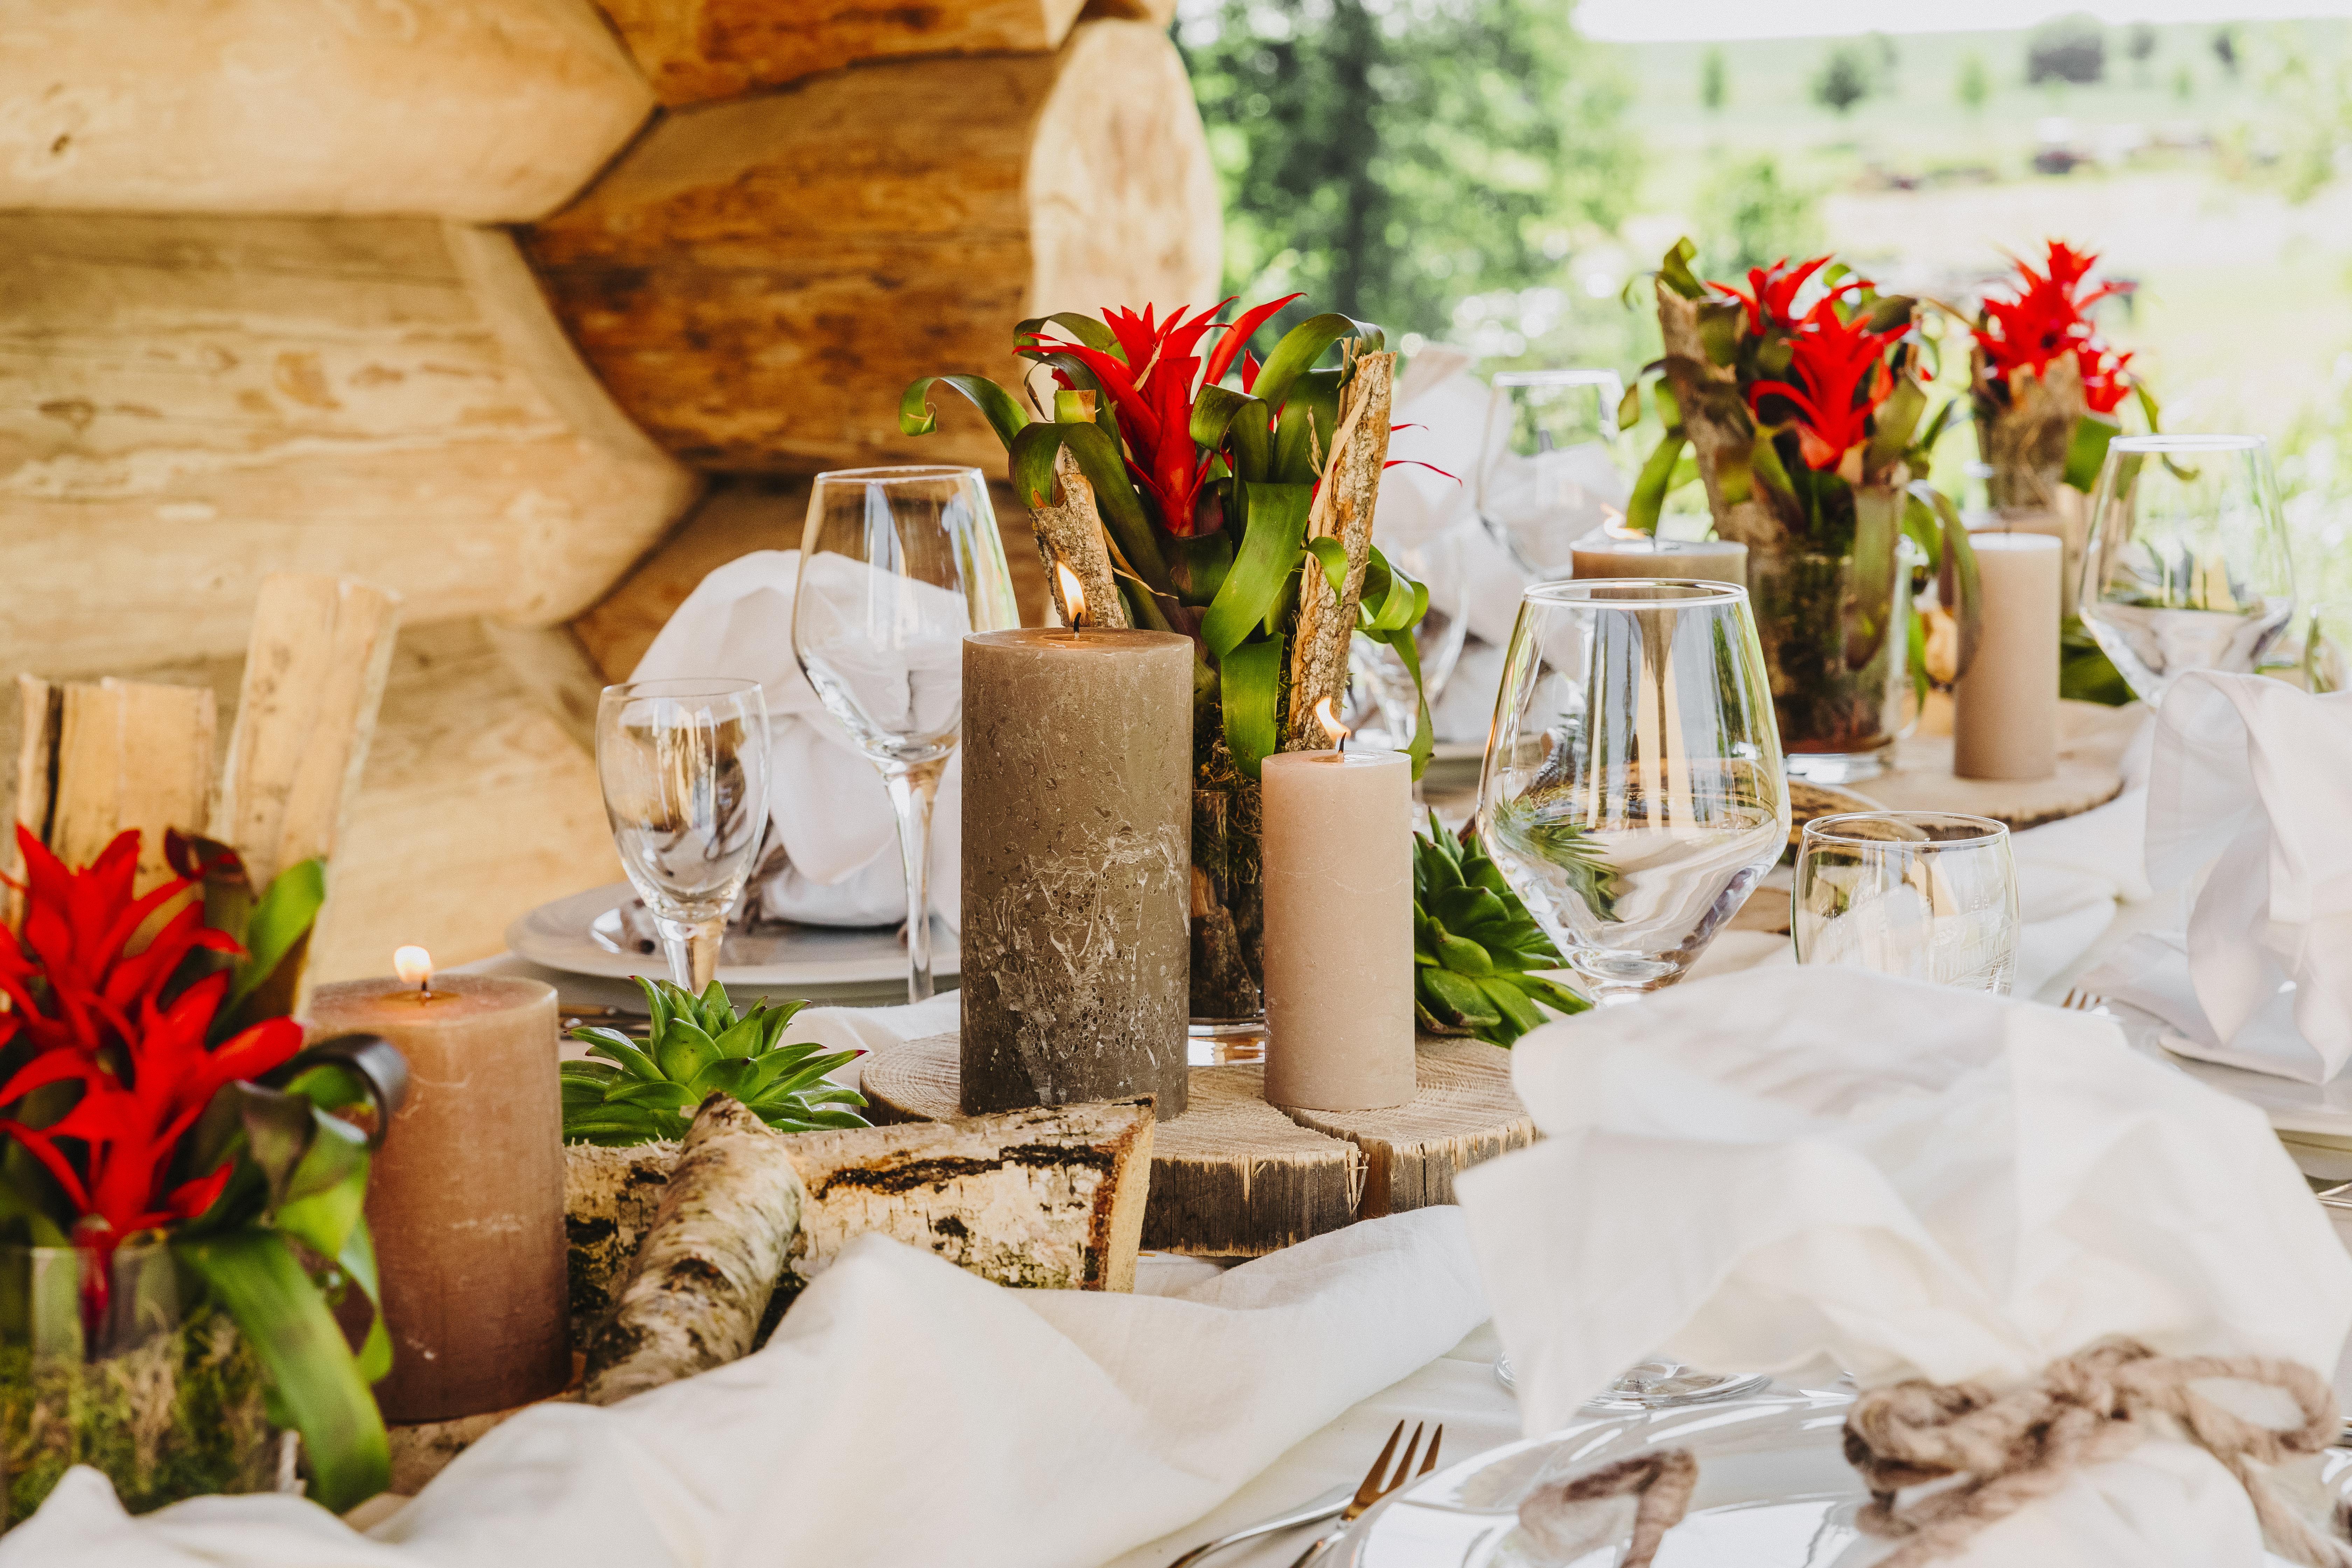 Styled Wedding Shoot © Maren van Meer Photodesign 2019 (6)